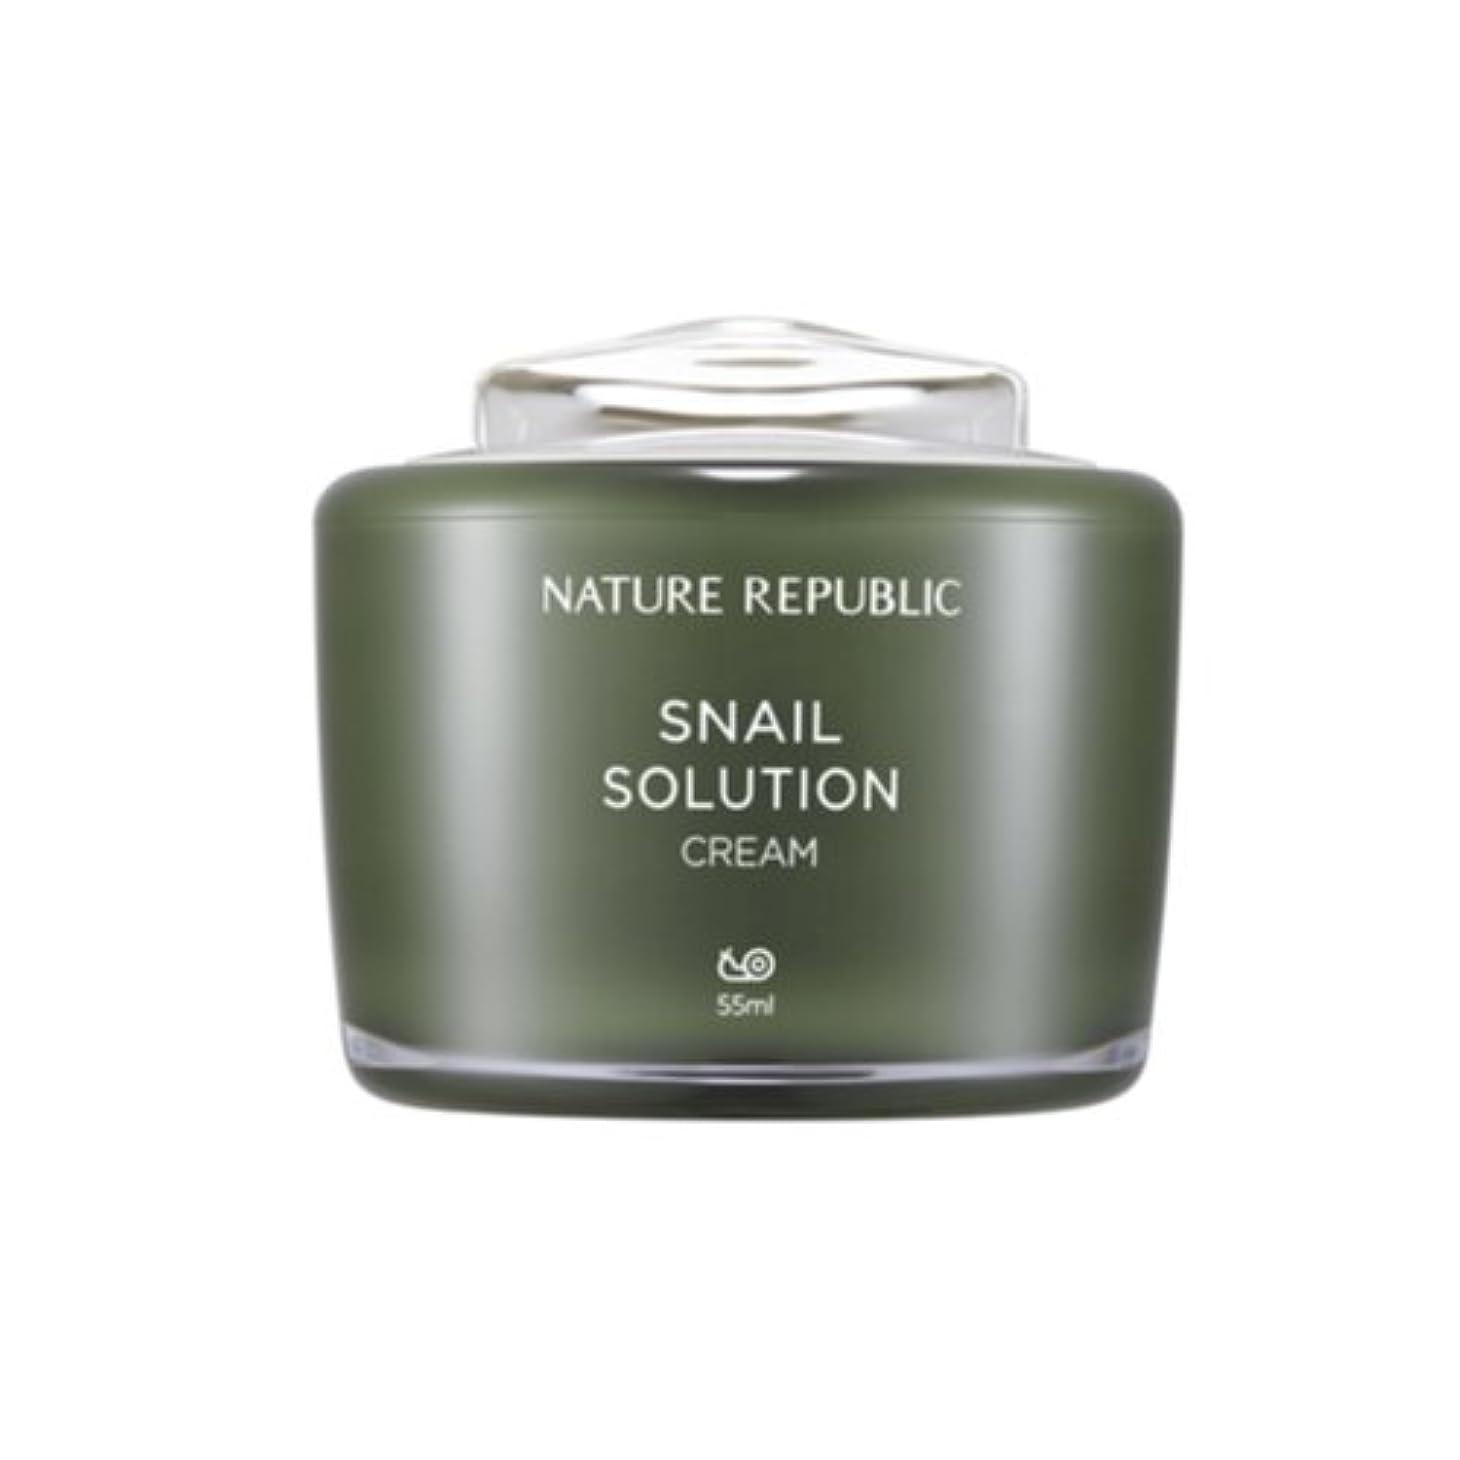 部分的ににおいアイスクリーム[ネイチャーリパブリック] Nature republicスネイルソリューションクリーム海外直送品(Snail Solution Cream) [並行輸入品]